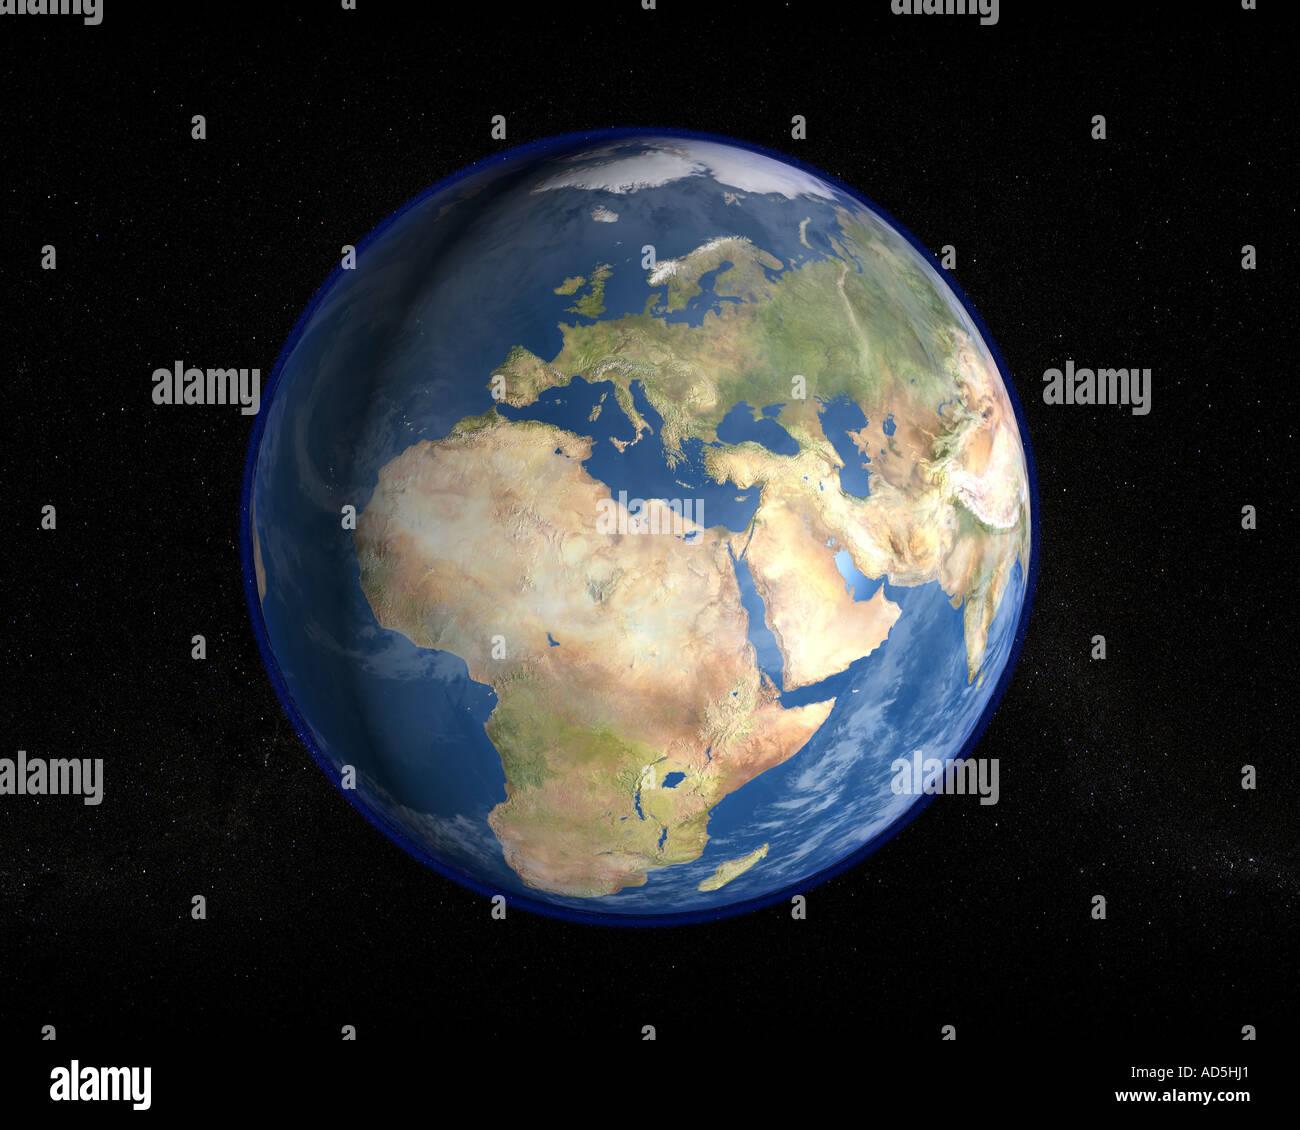 Il pianeta terra visto dallo spazio in alta risoluzione rendering fotorealistico immagine Immagini Stock